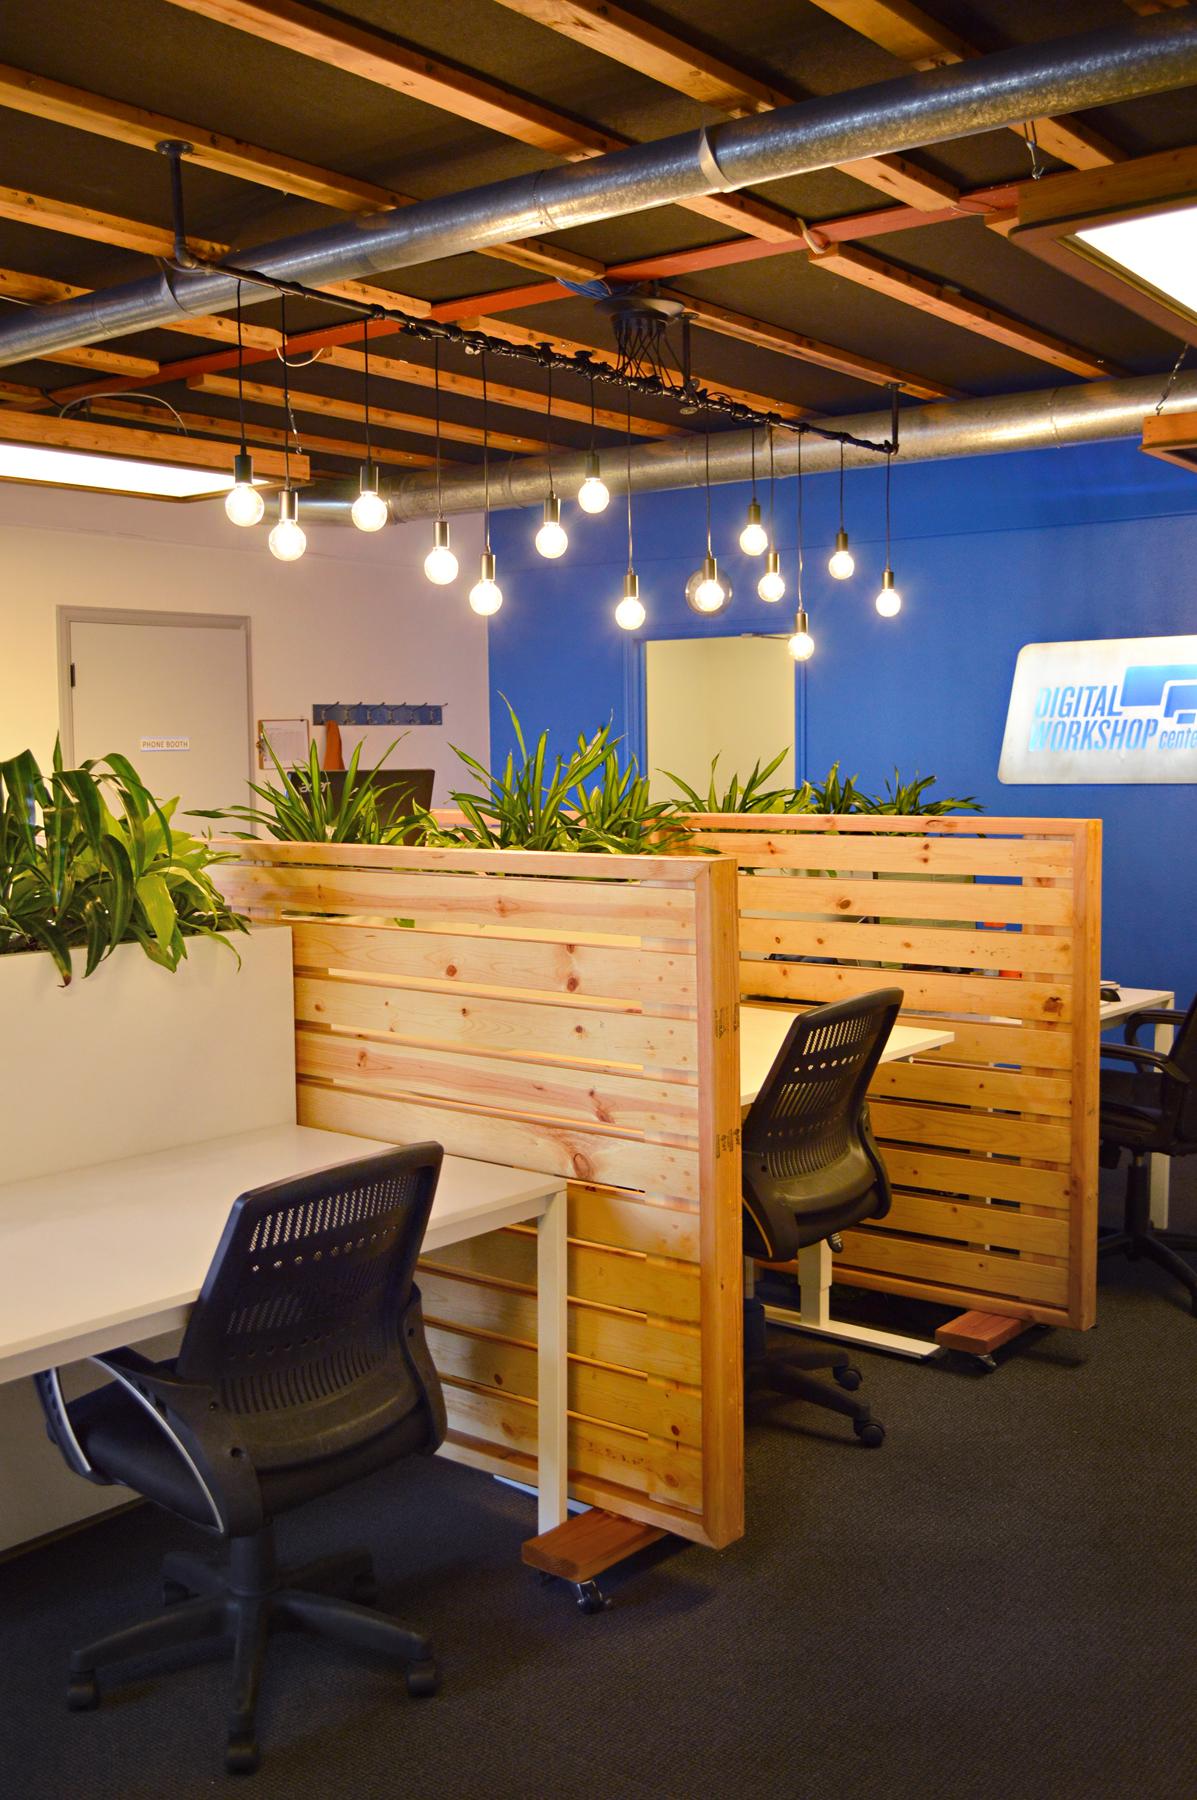 Fort Collins CoWorking Space: Digital Workshop Center